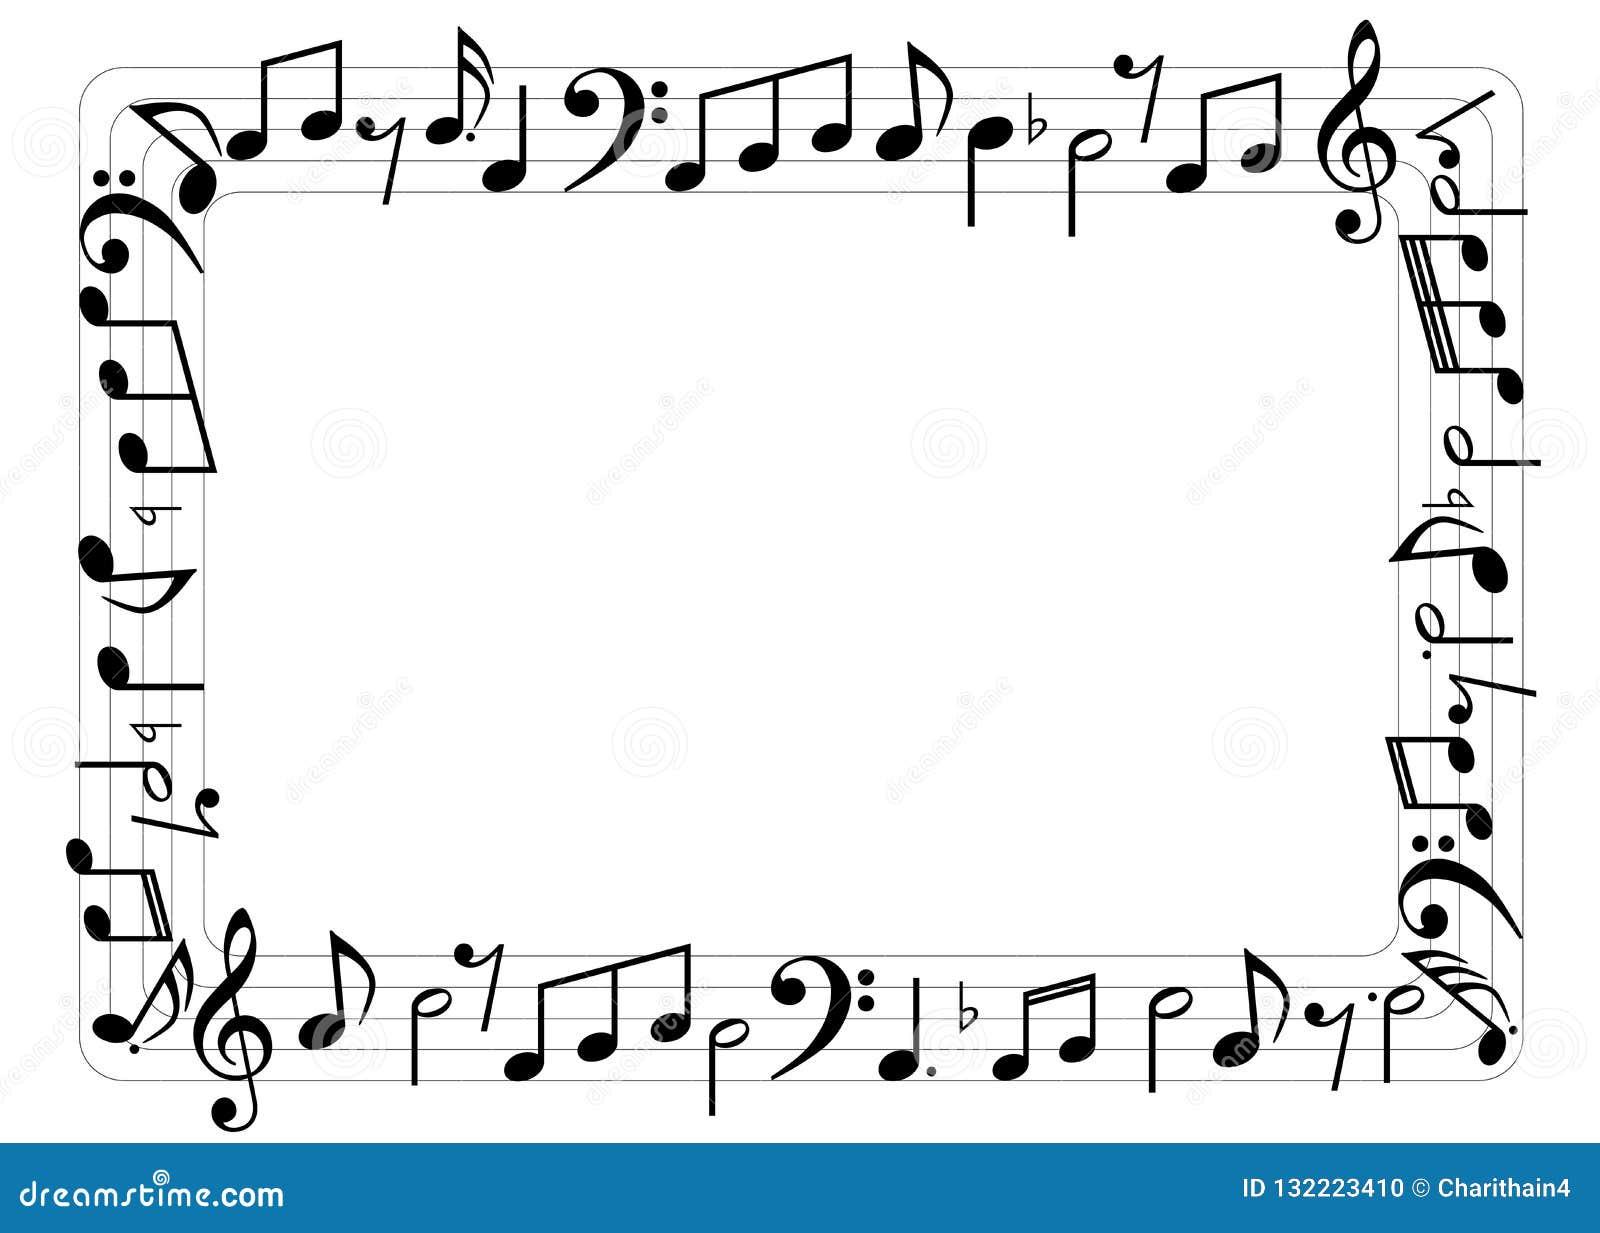 La música observa la frontera rectangular